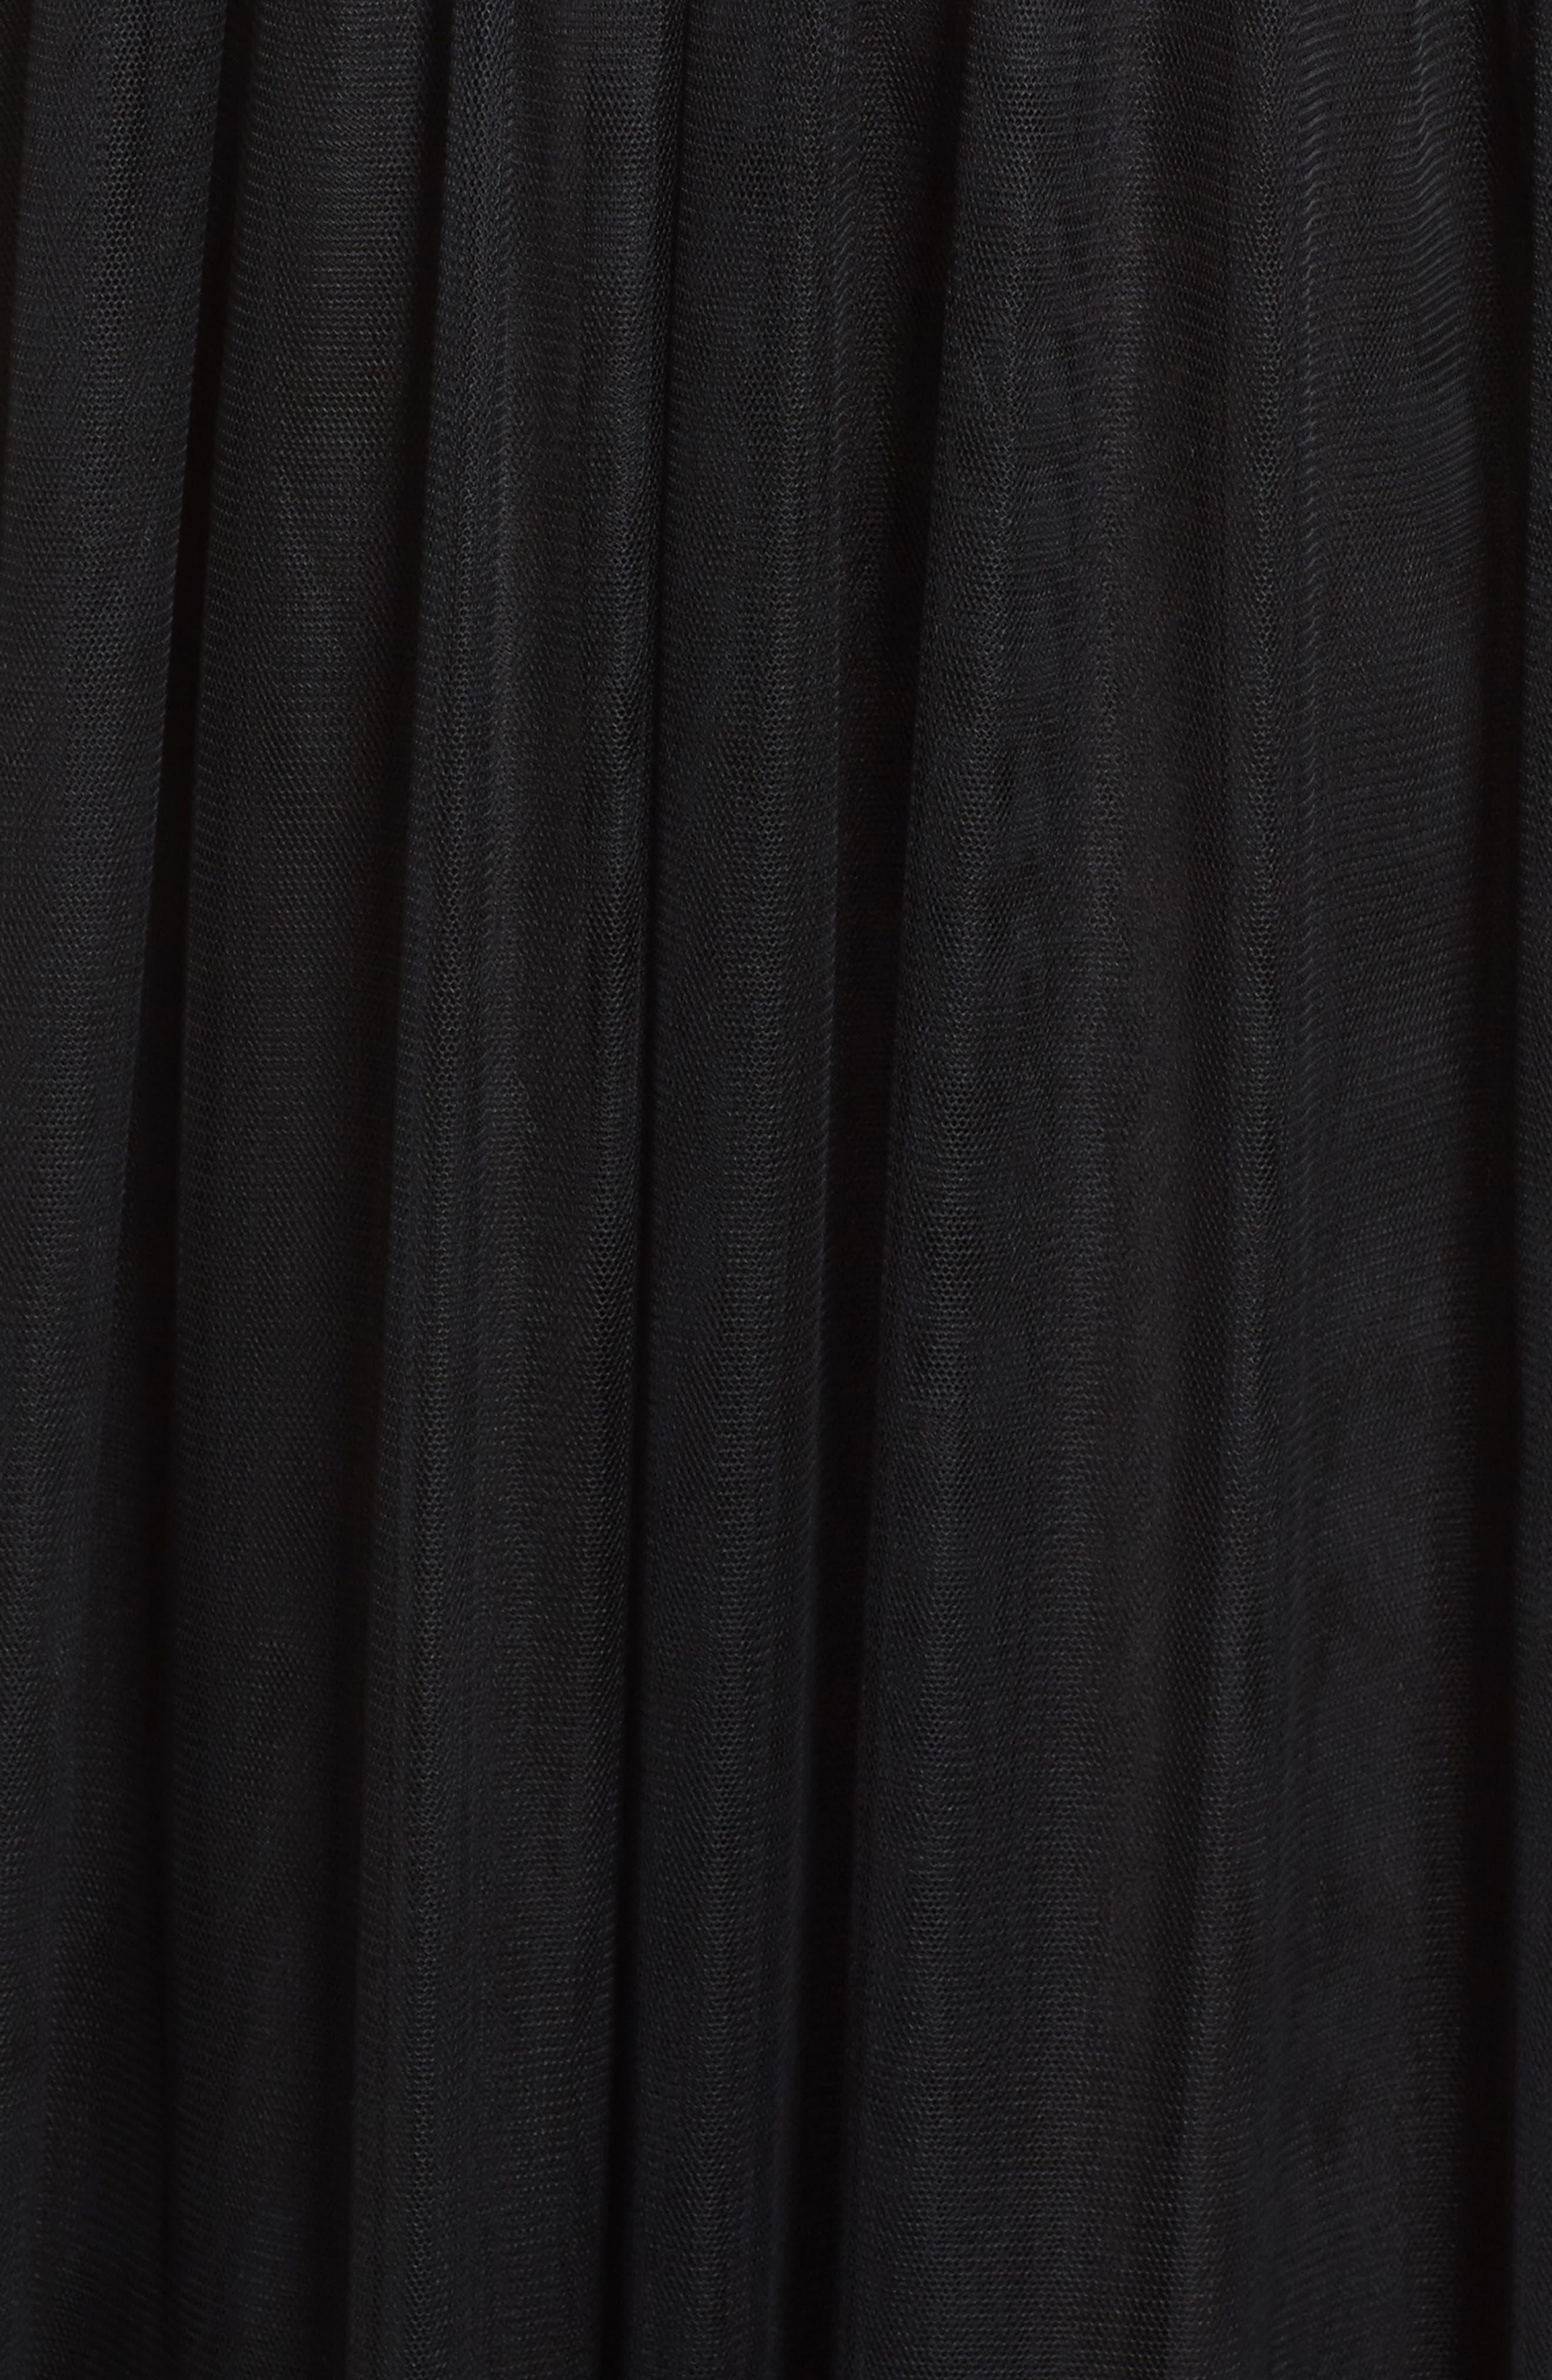 Open Back Lace & Net A-Line Gown,                             Alternate thumbnail 5, color,                             Black